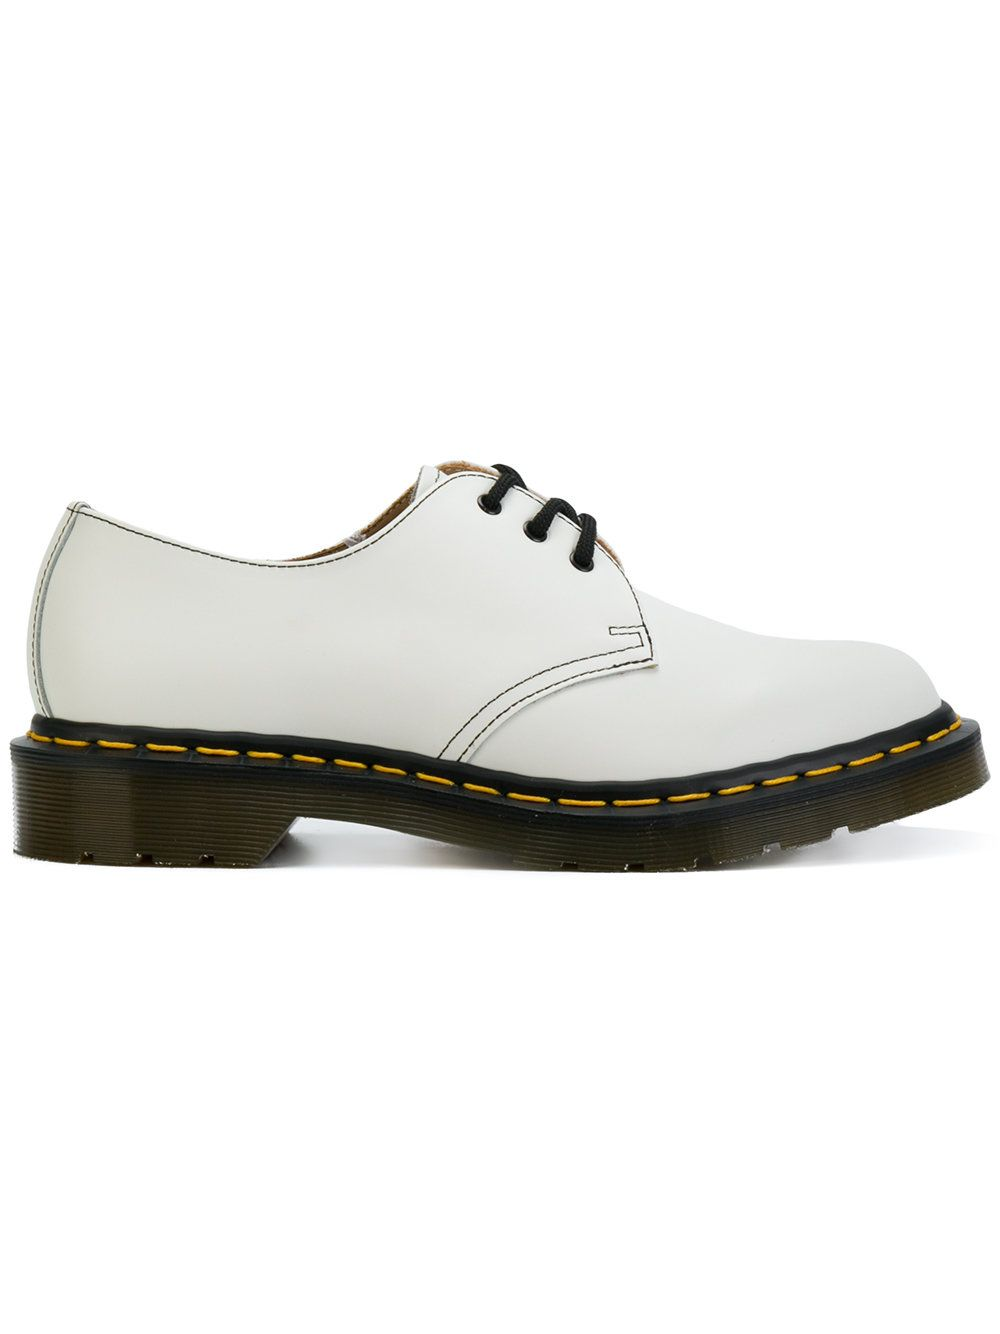 COMME DES GARÇONS COMME DES GARÇONS  derby shoes Shoes COMME DES